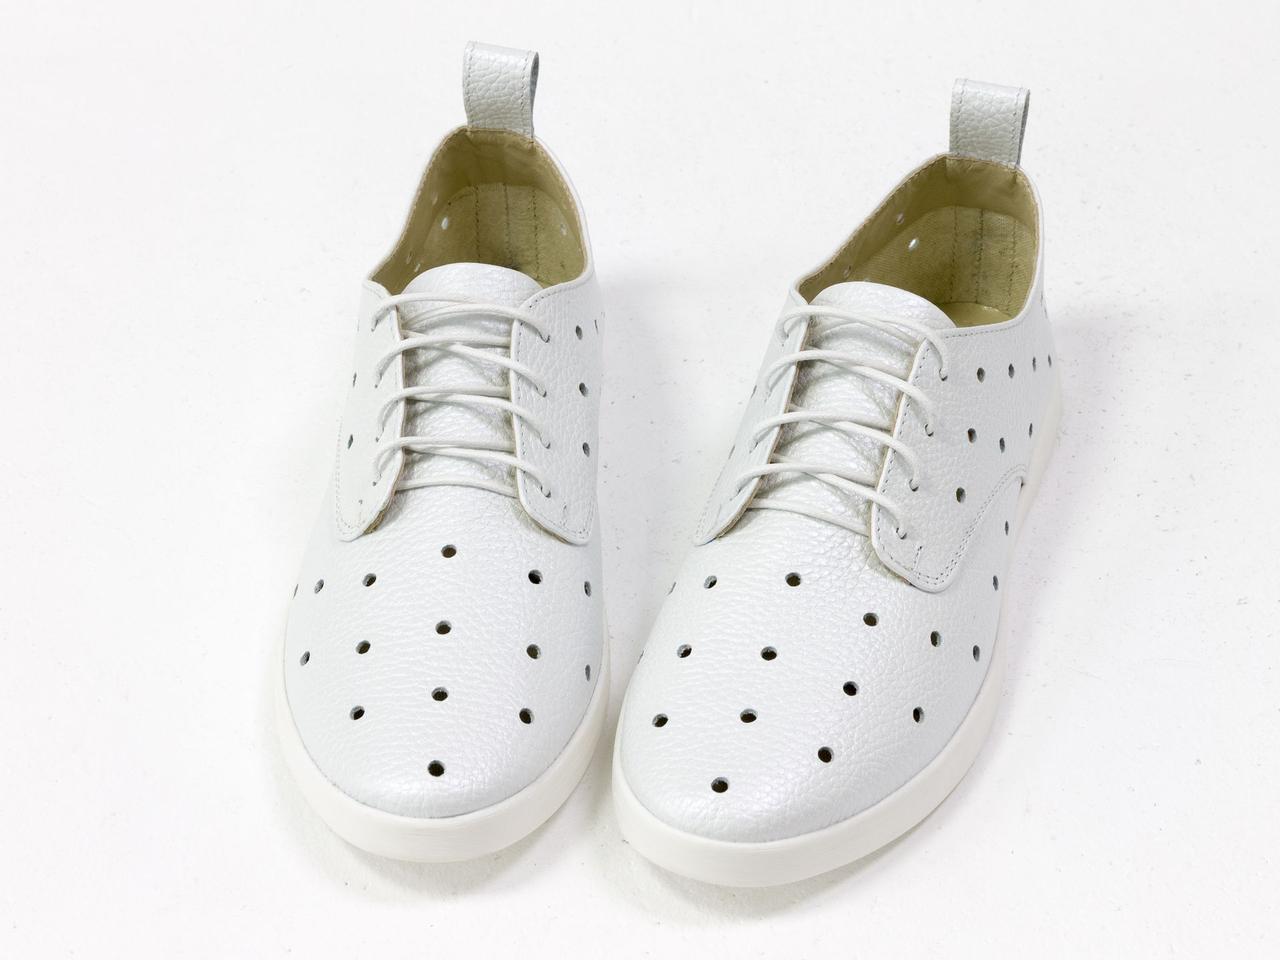 Легкие туфли из натуральной кожи белого цвета с перфорацией по всей поверхности 39 - фото 8